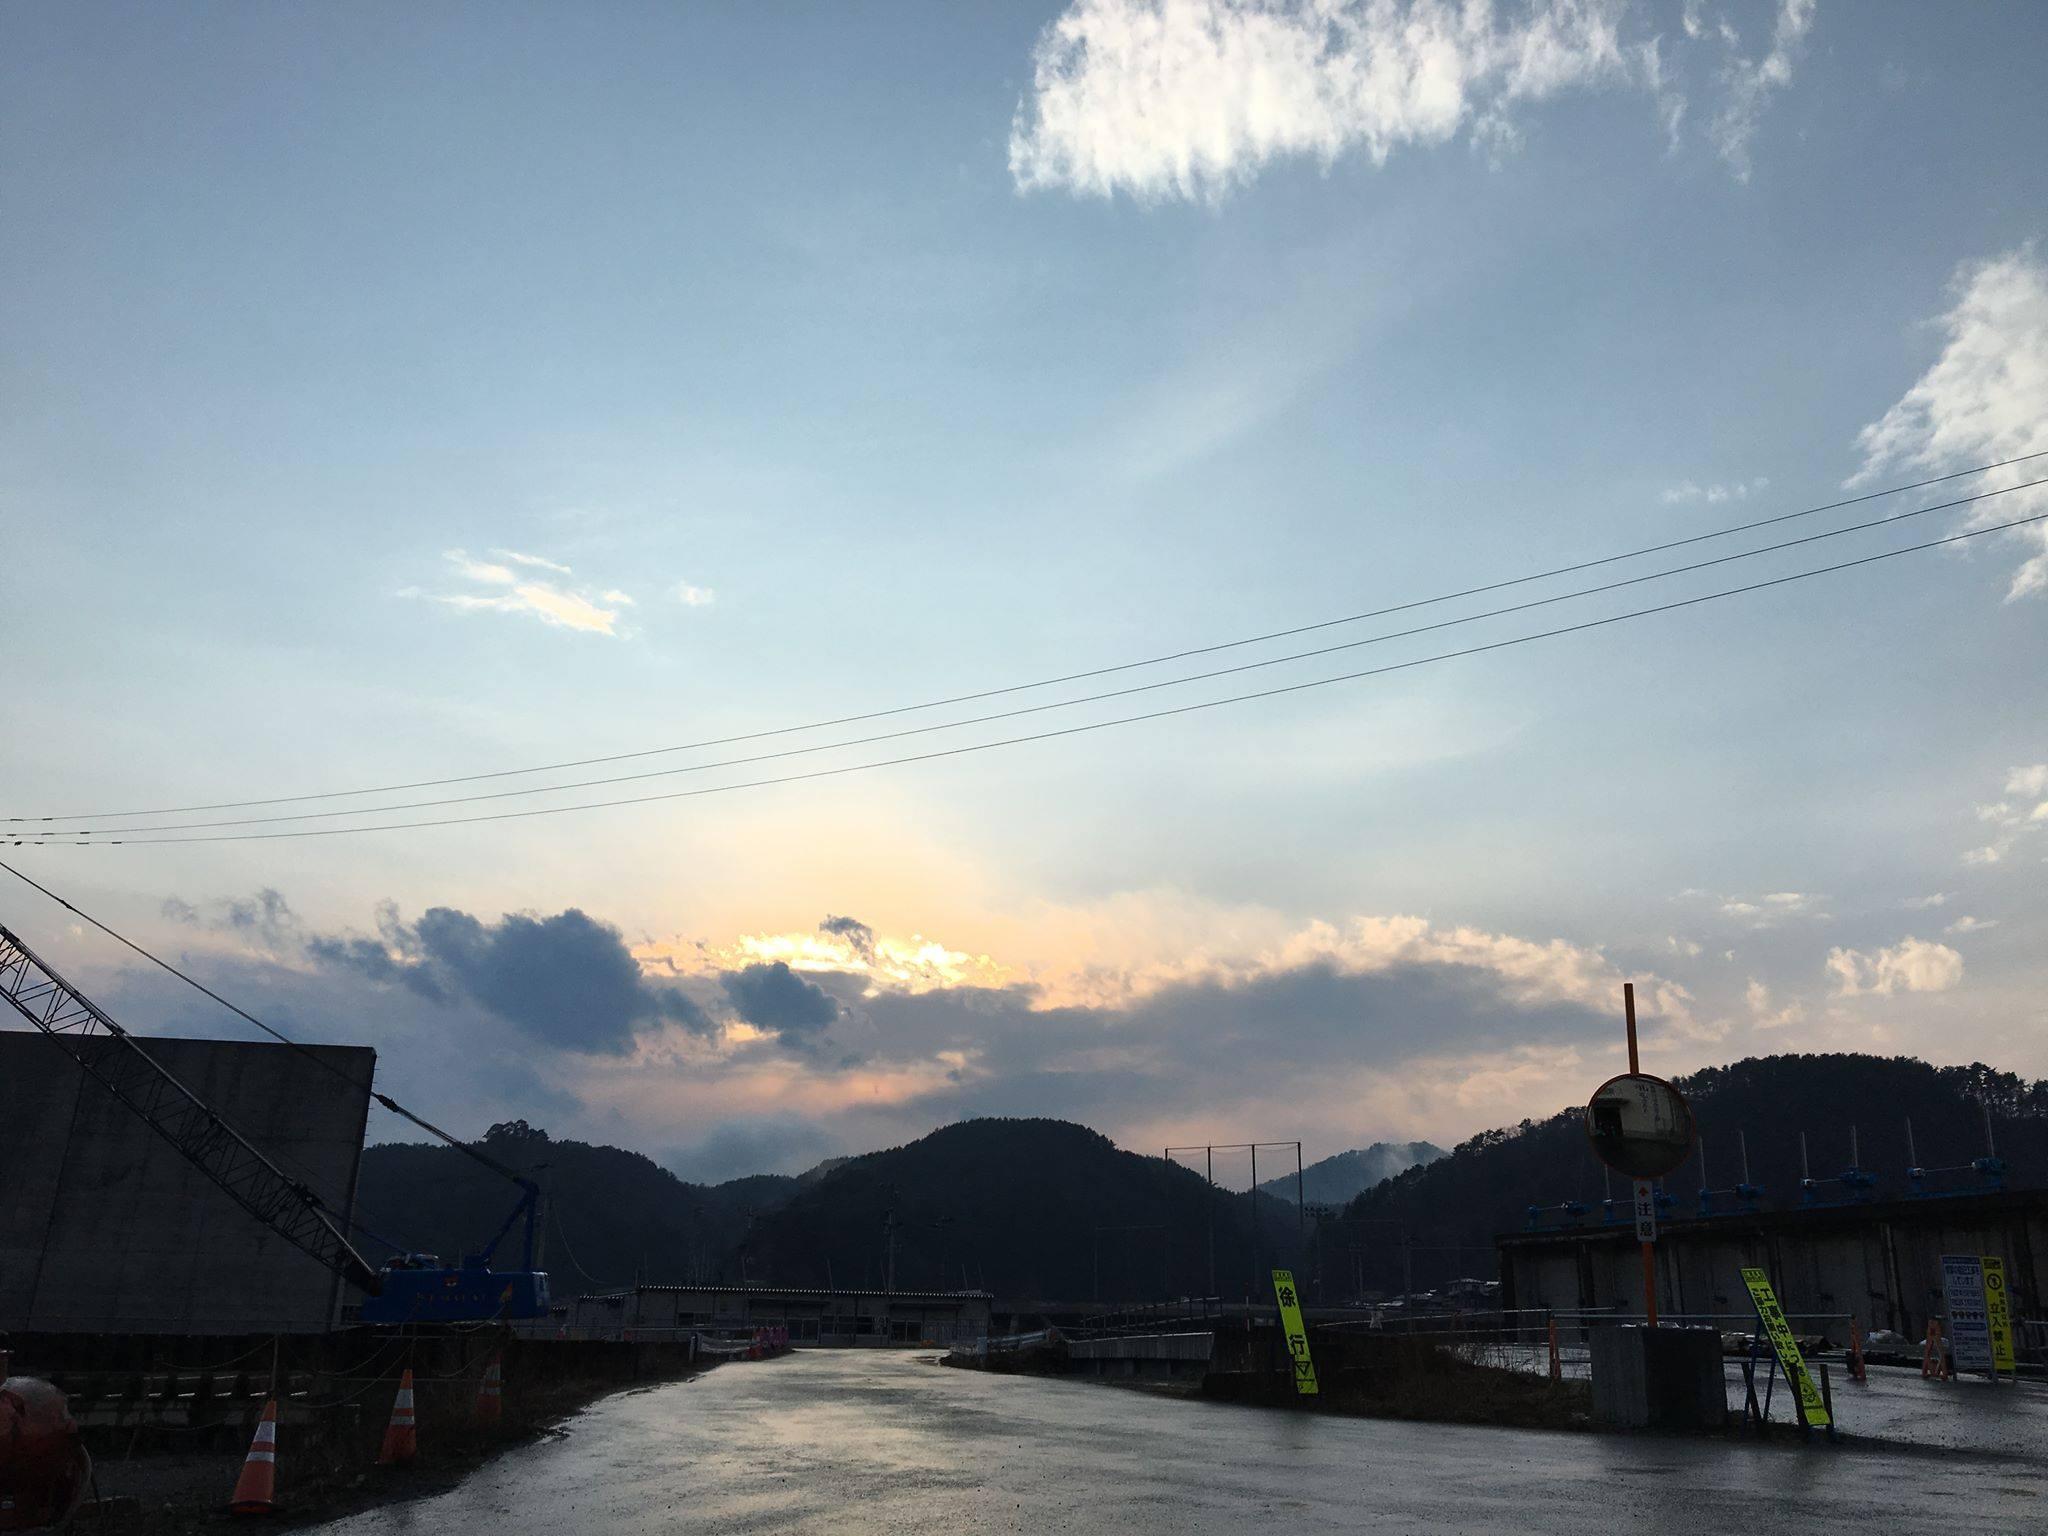 田老漁協でのお手伝い募集について 2018